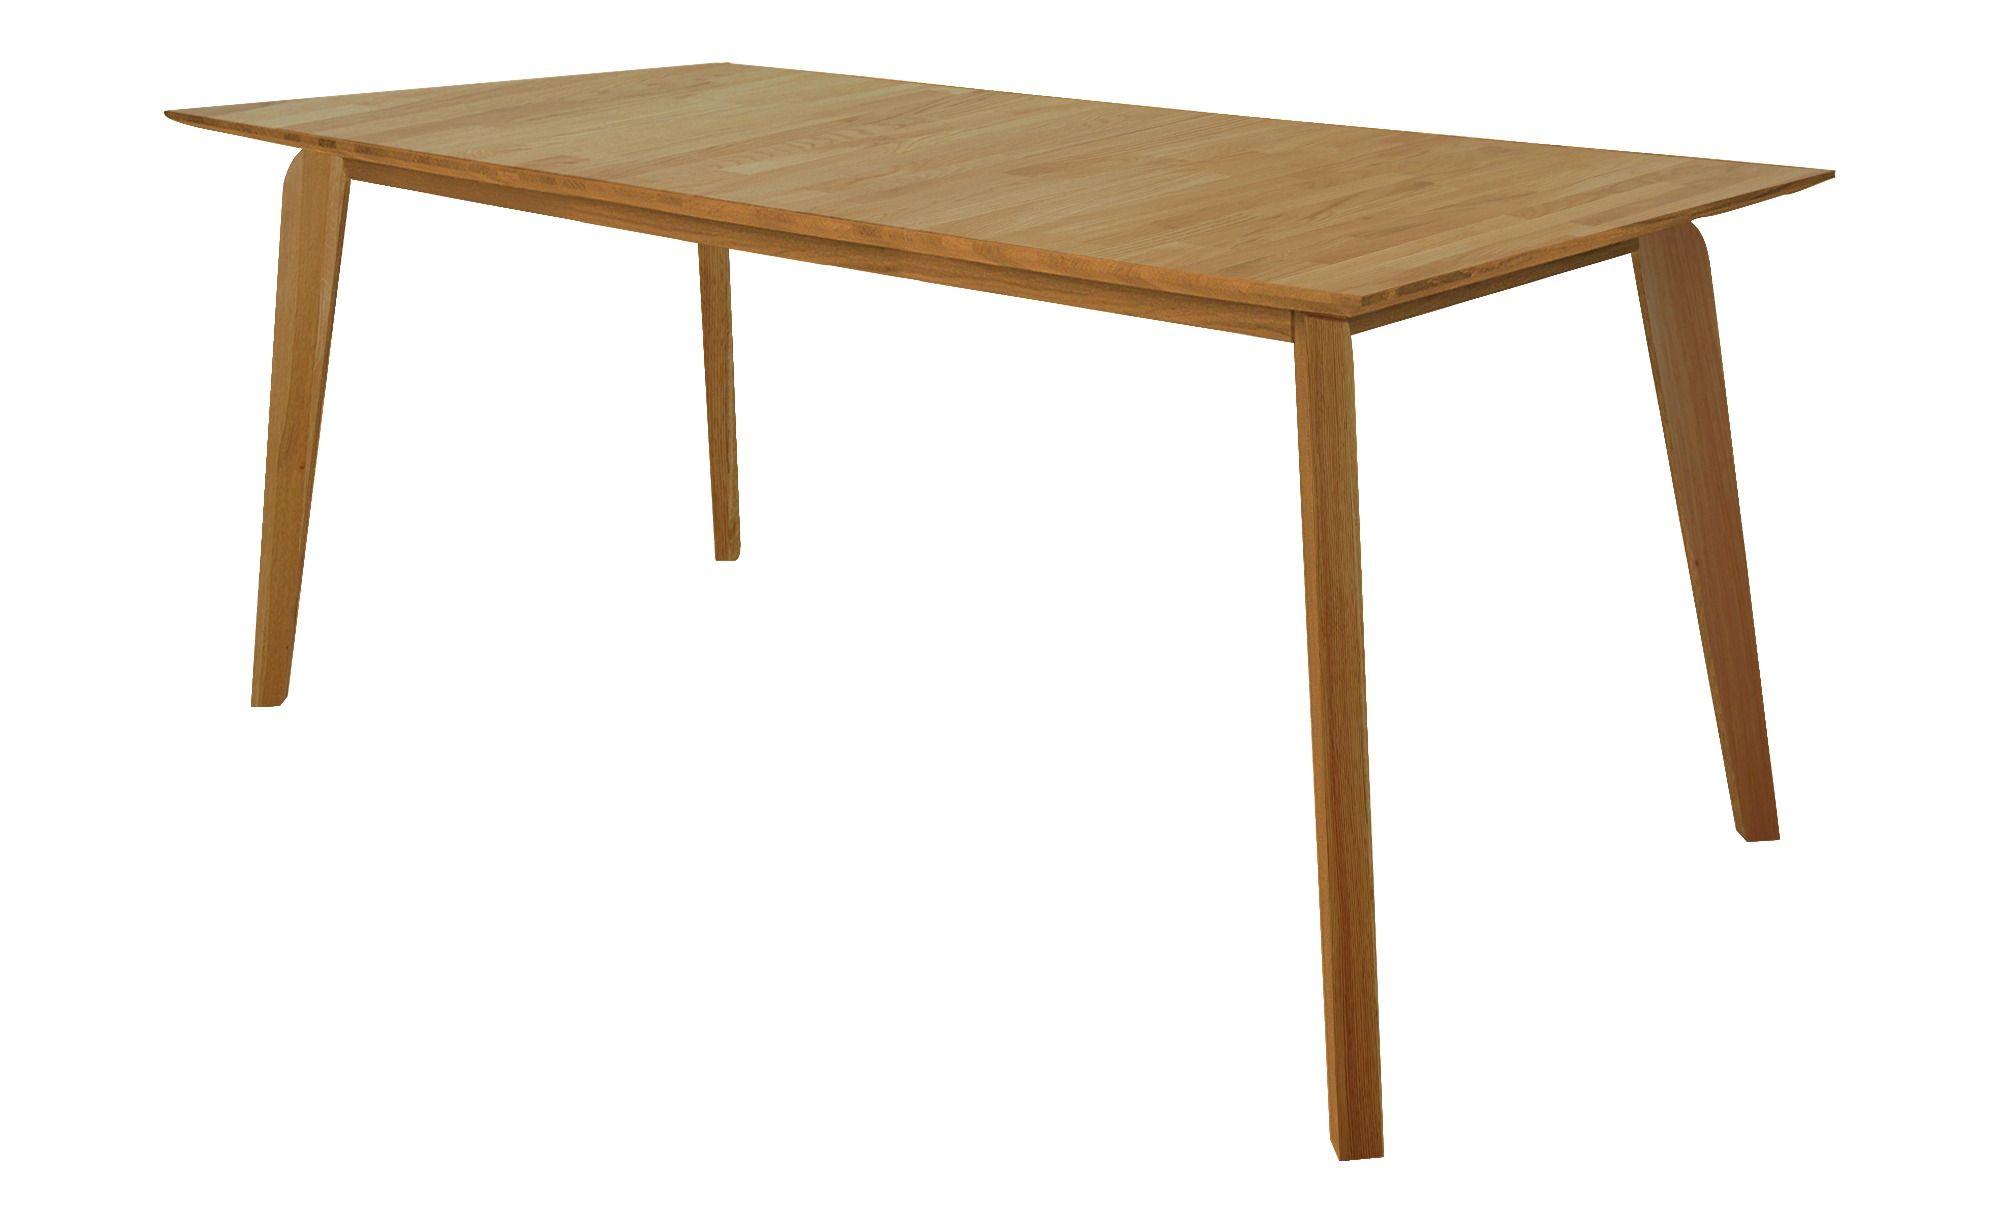 Woodford Esstisch Alex Gefunden Bei Mobel Hoffner Esstisch Eiche Kuchen Sofa Tisch